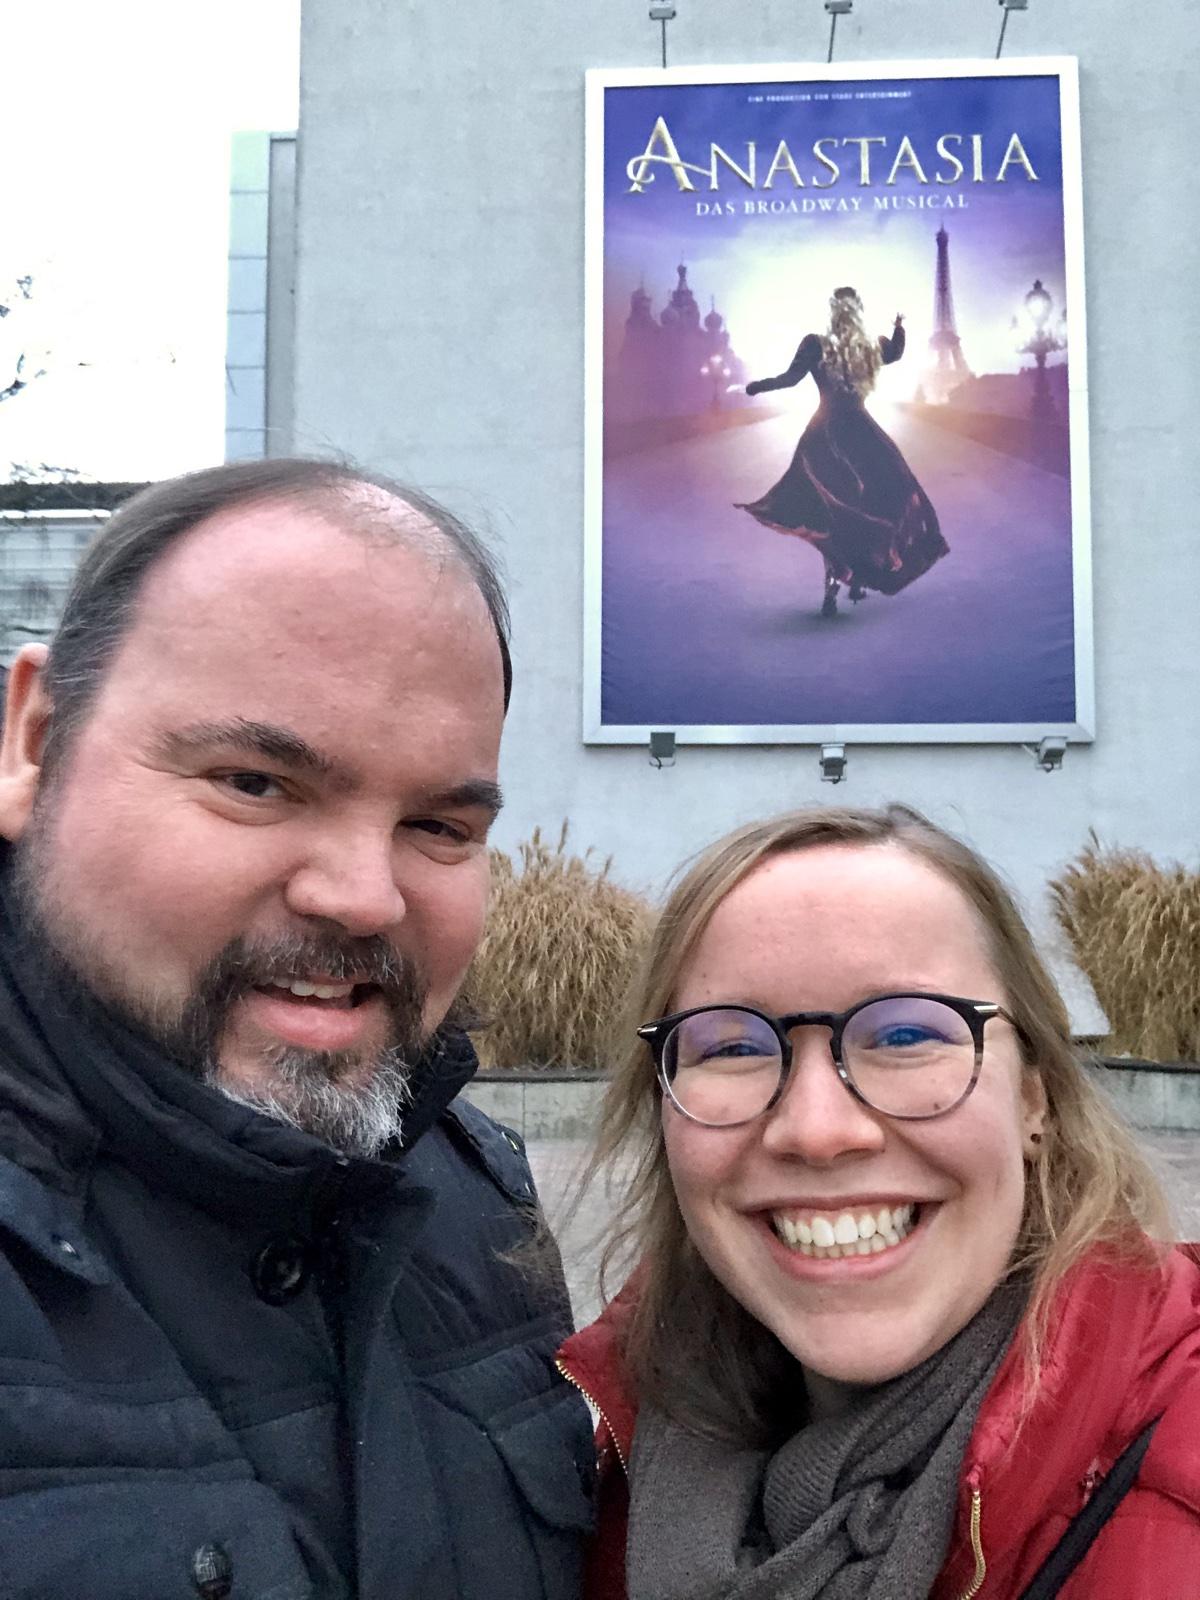 Ina und ich stehen vor dem Stage Palladium Theater in Stuttgart.